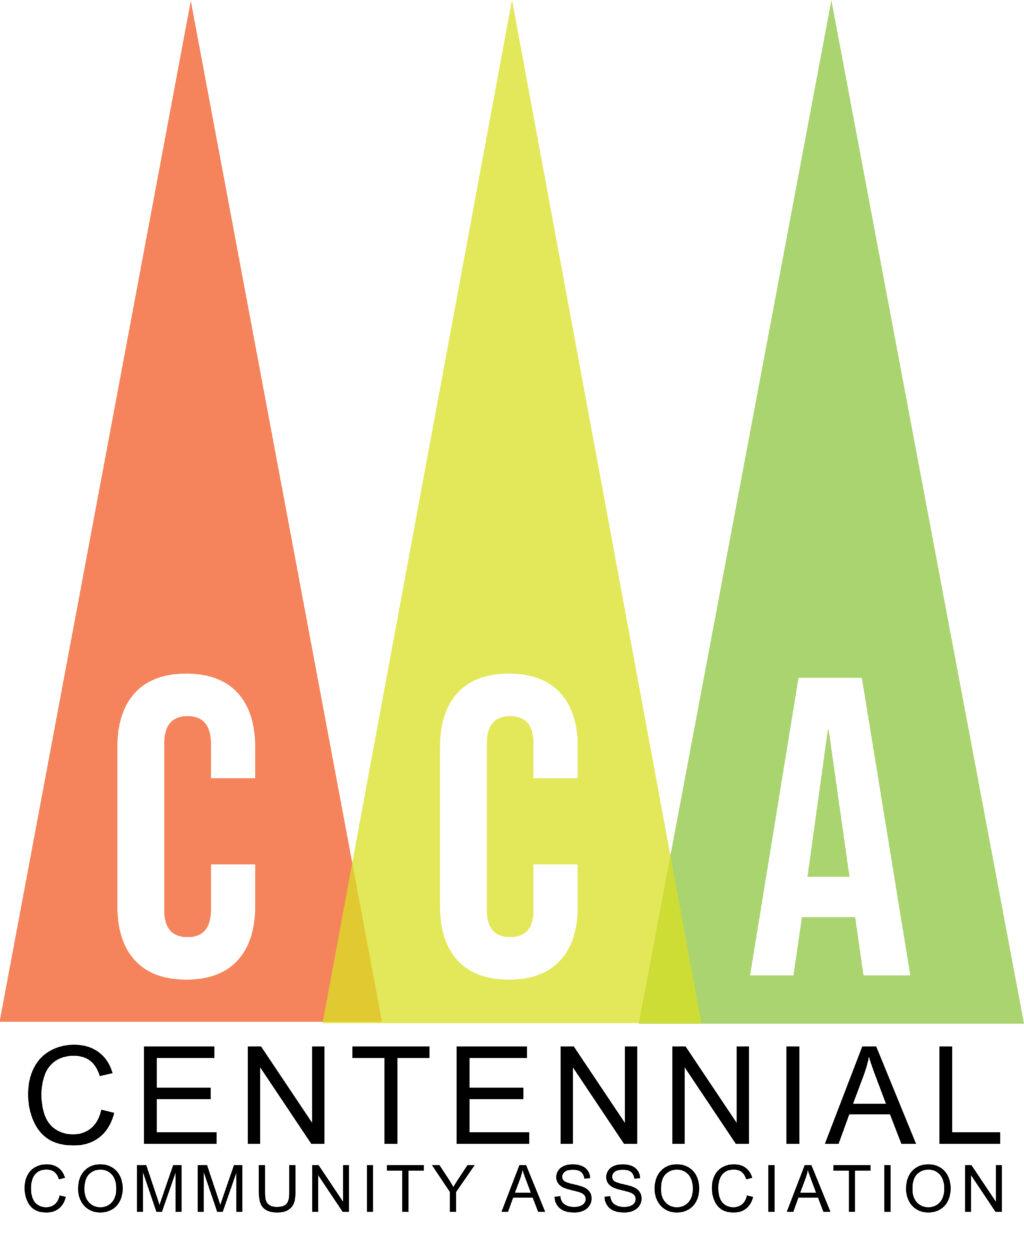 Centennial Community Association